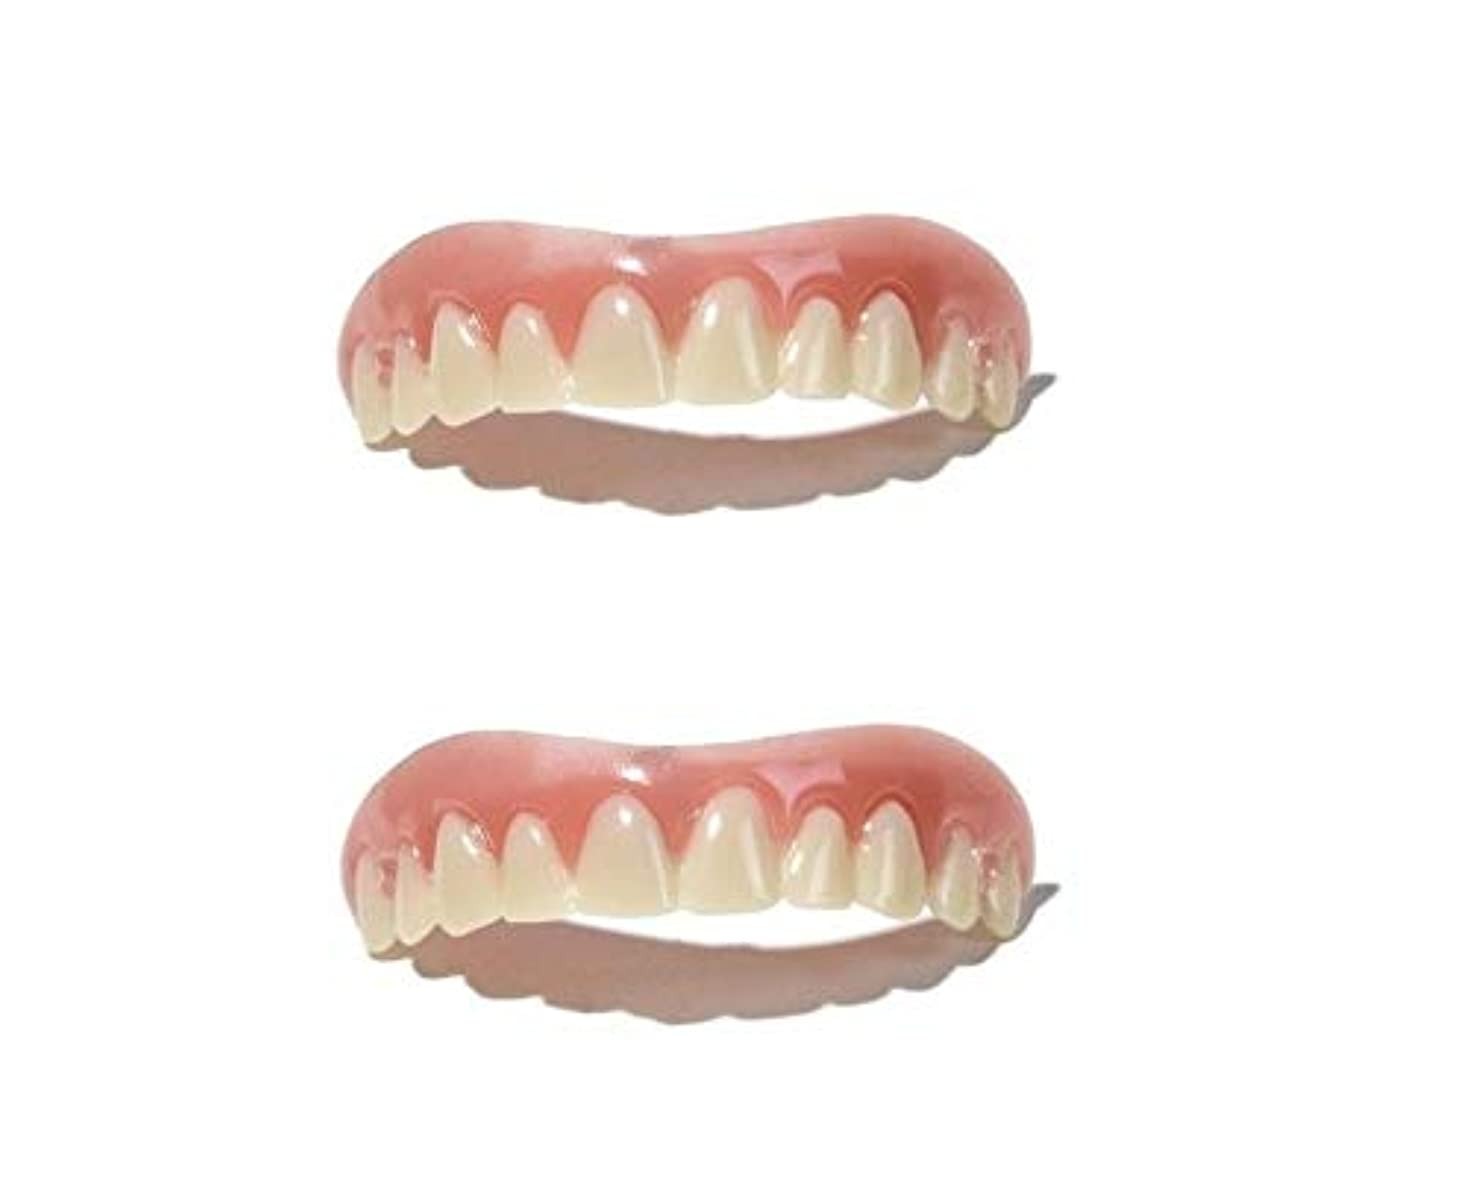 スリンク然とした小麦粉インスタント 美容 入れ歯 上歯 2個セット (free size (Medium)